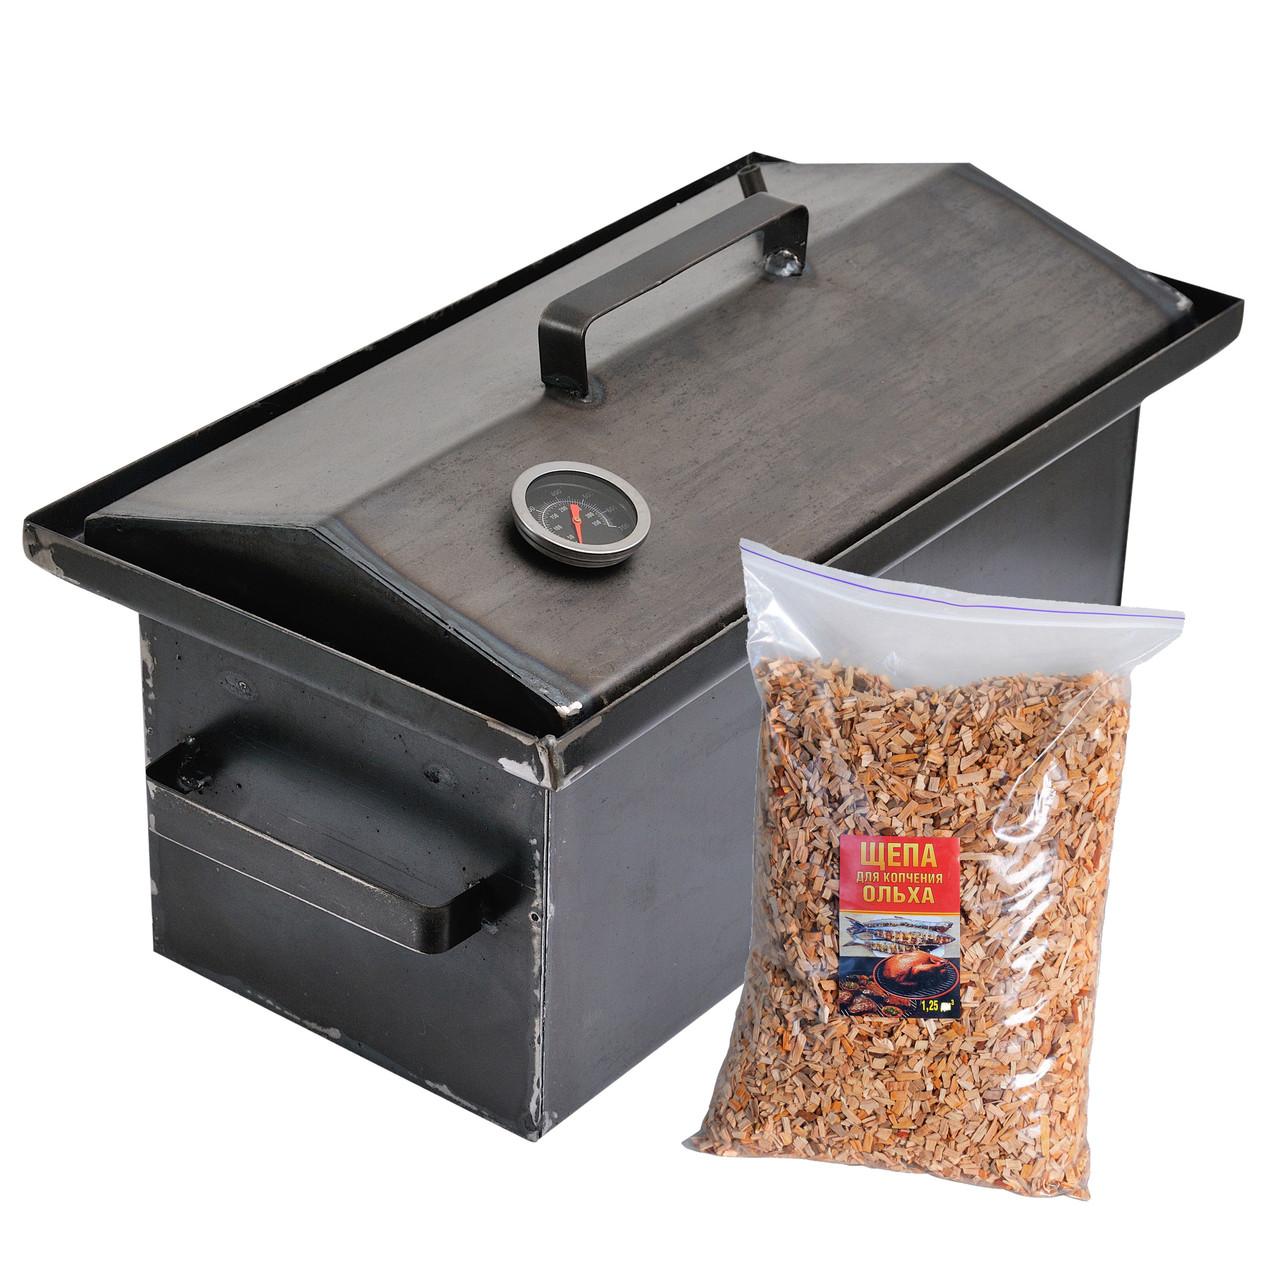 Коптильня гарячого копчення 2мм 460х260х240мм з термометром Тріска(газова домашня каганець для риби, каптилка)